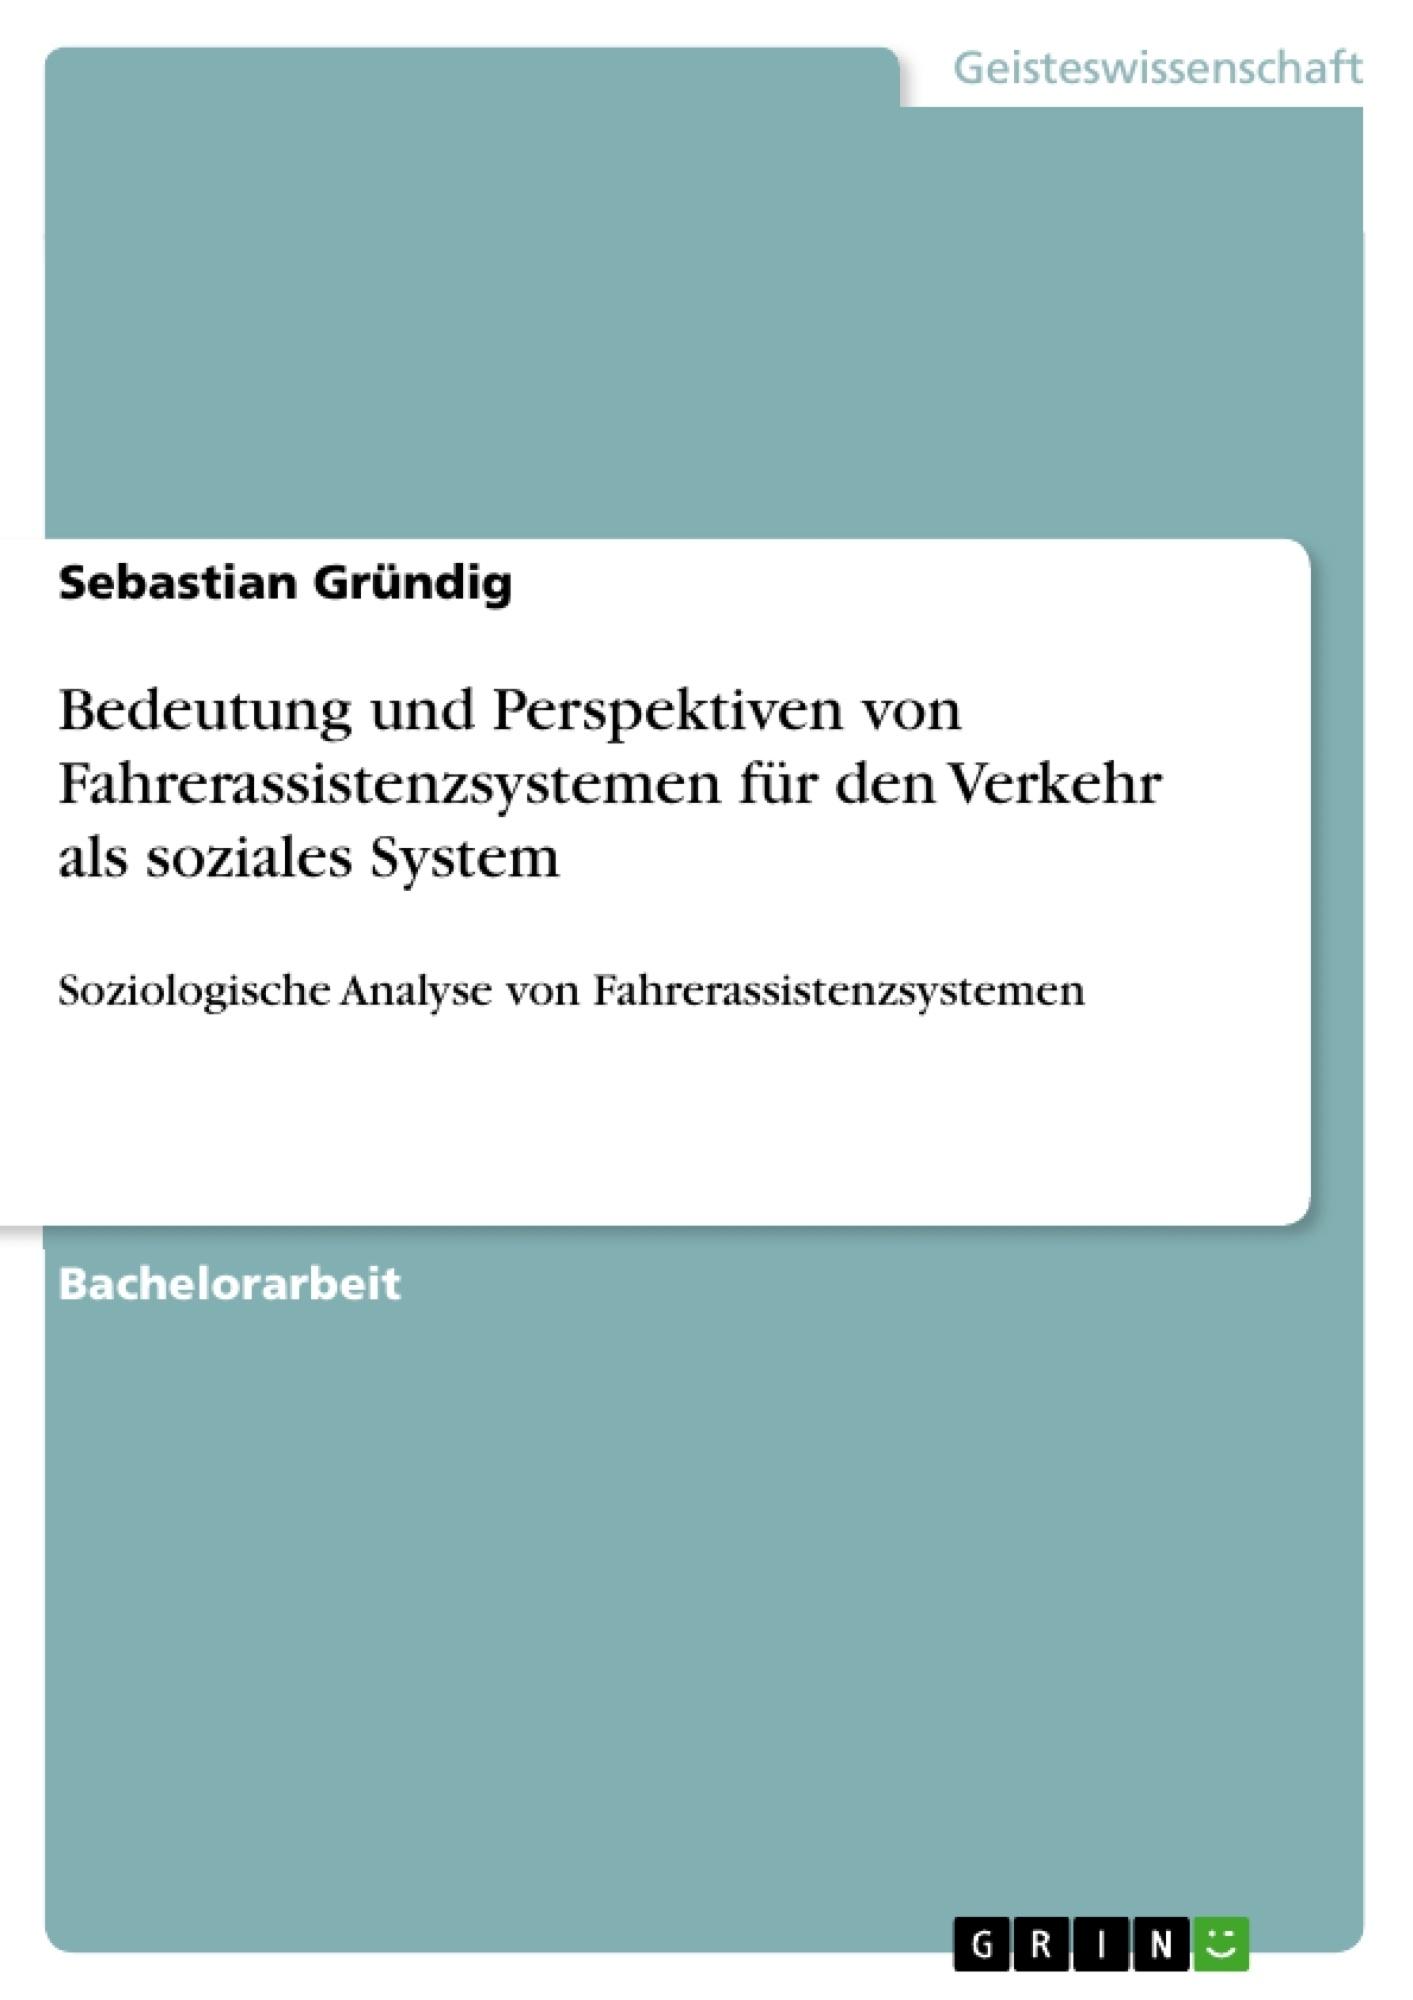 Titel: Bedeutung und Perspektiven von Fahrerassistenzsystemen für den Verkehr als soziales System